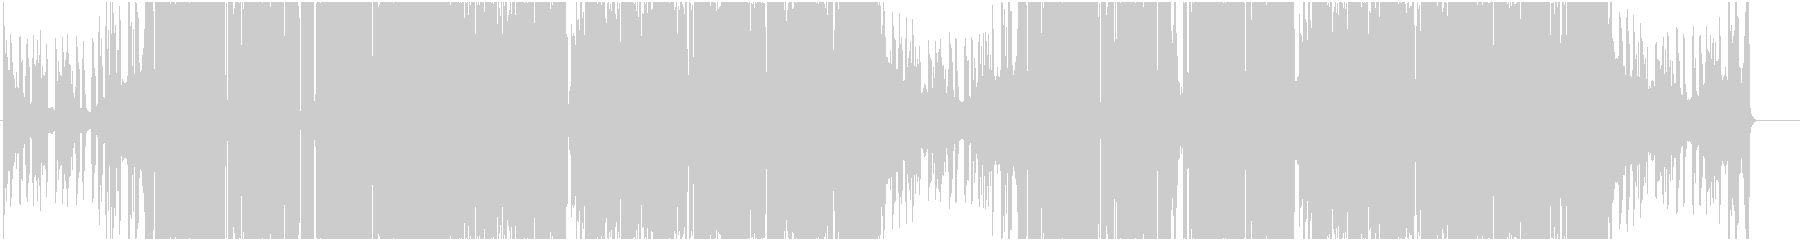 デジタルハイブリッドなヒップホップの未再生の波形